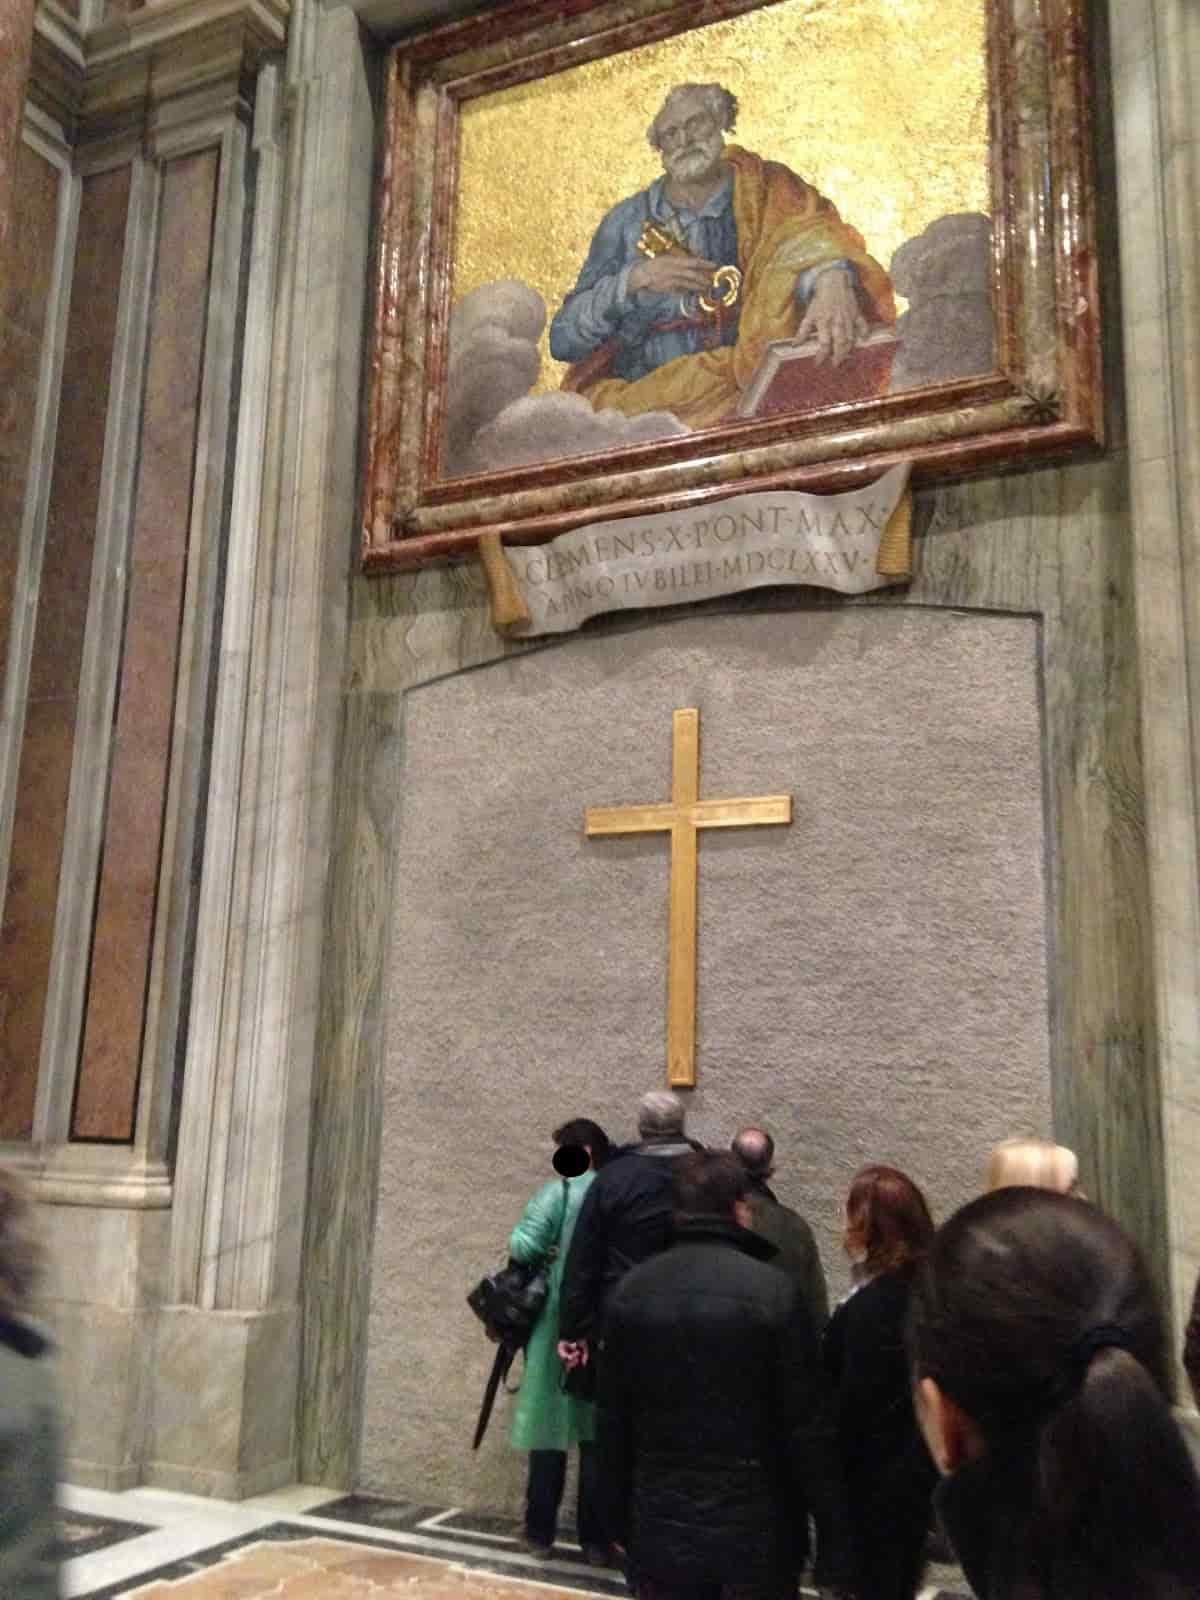 Τα Απόκρυφα Της Πόλης Του Βατικανού, Πέρα Από Κάθε Φαντασία!! (Μέρος Πρώτο)